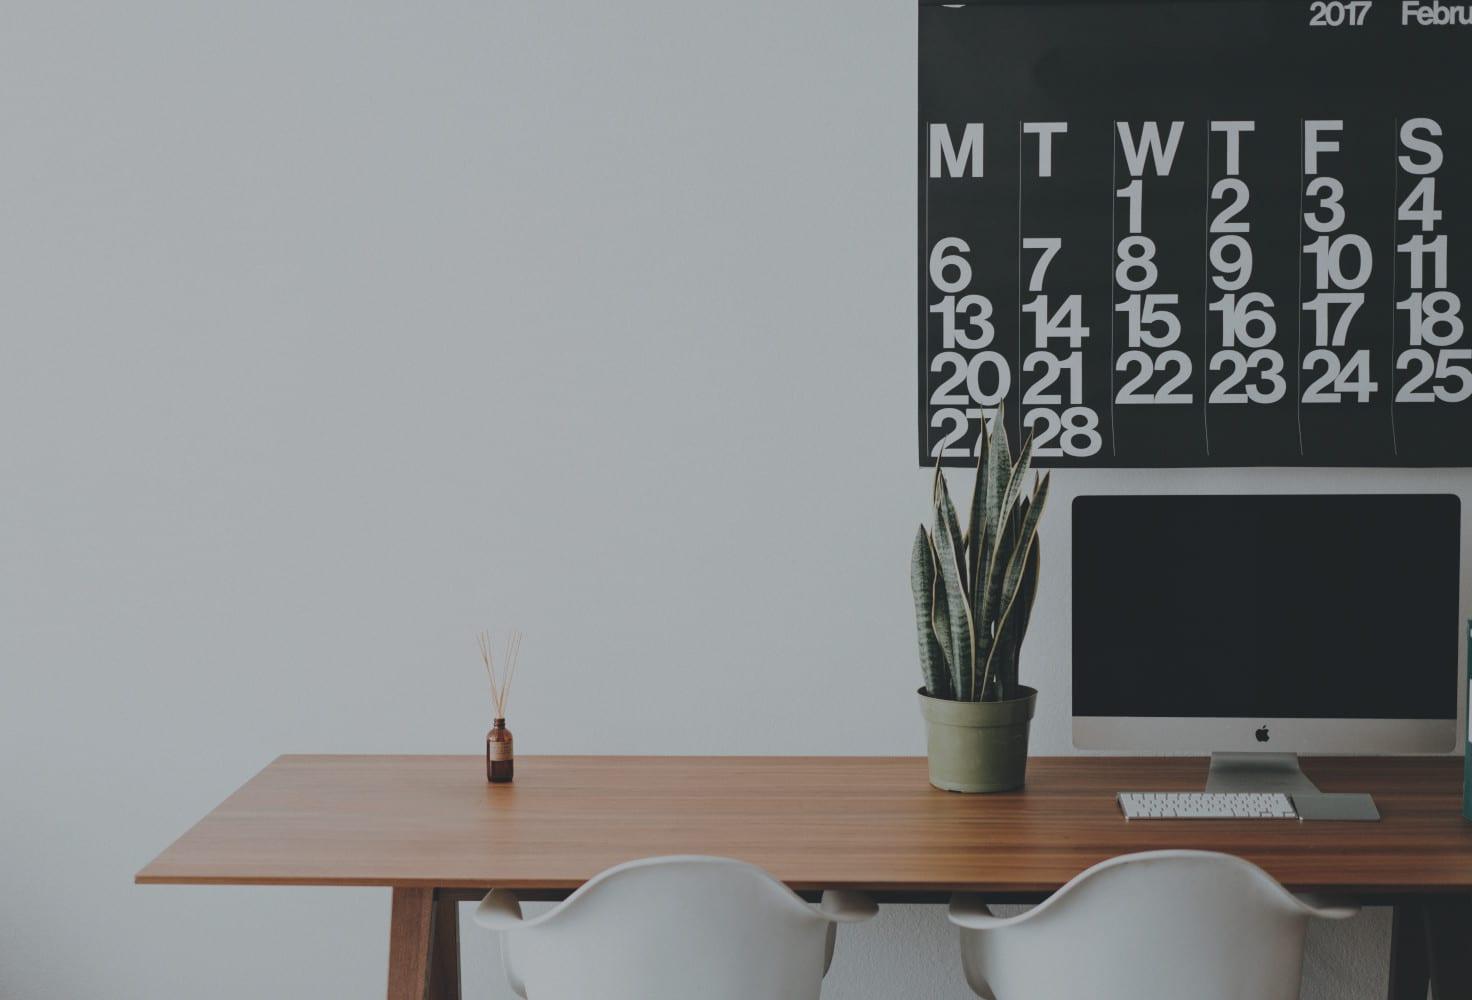 Calendar Management Tips for 2020